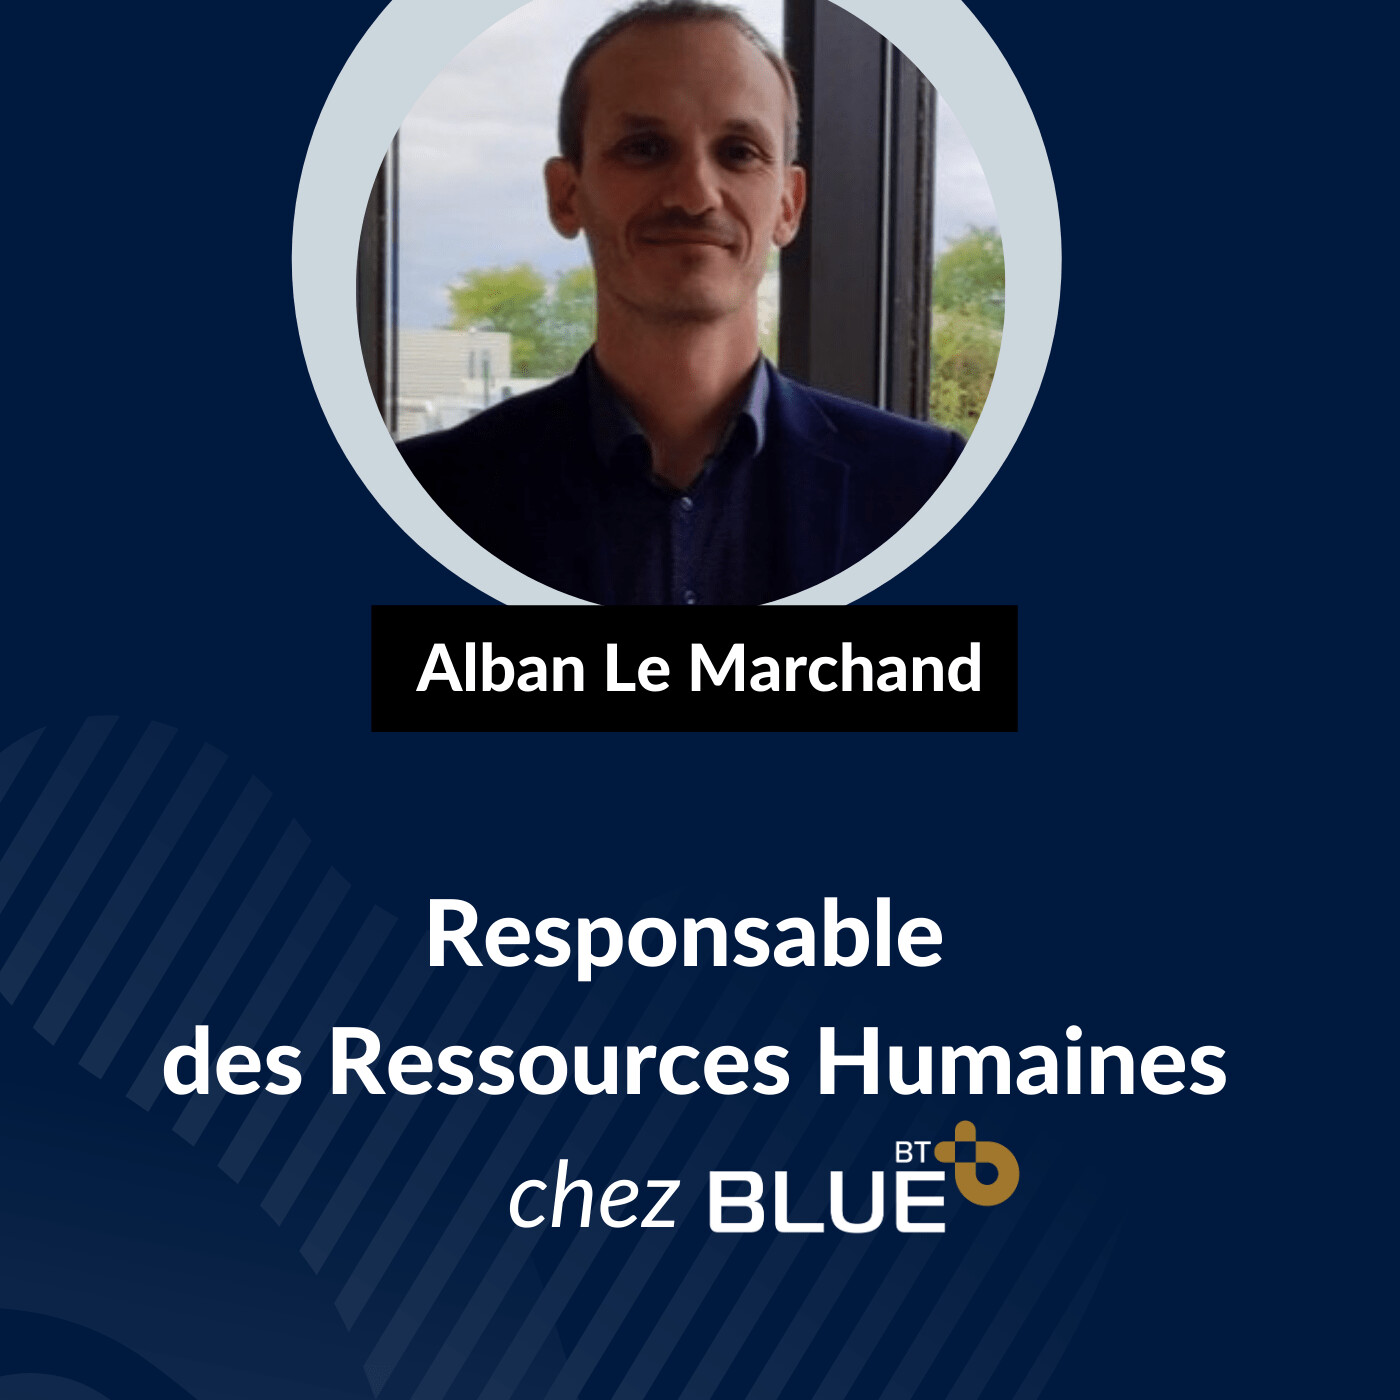 Les coolisses by BLUE - RRH - Alban Le Marchand